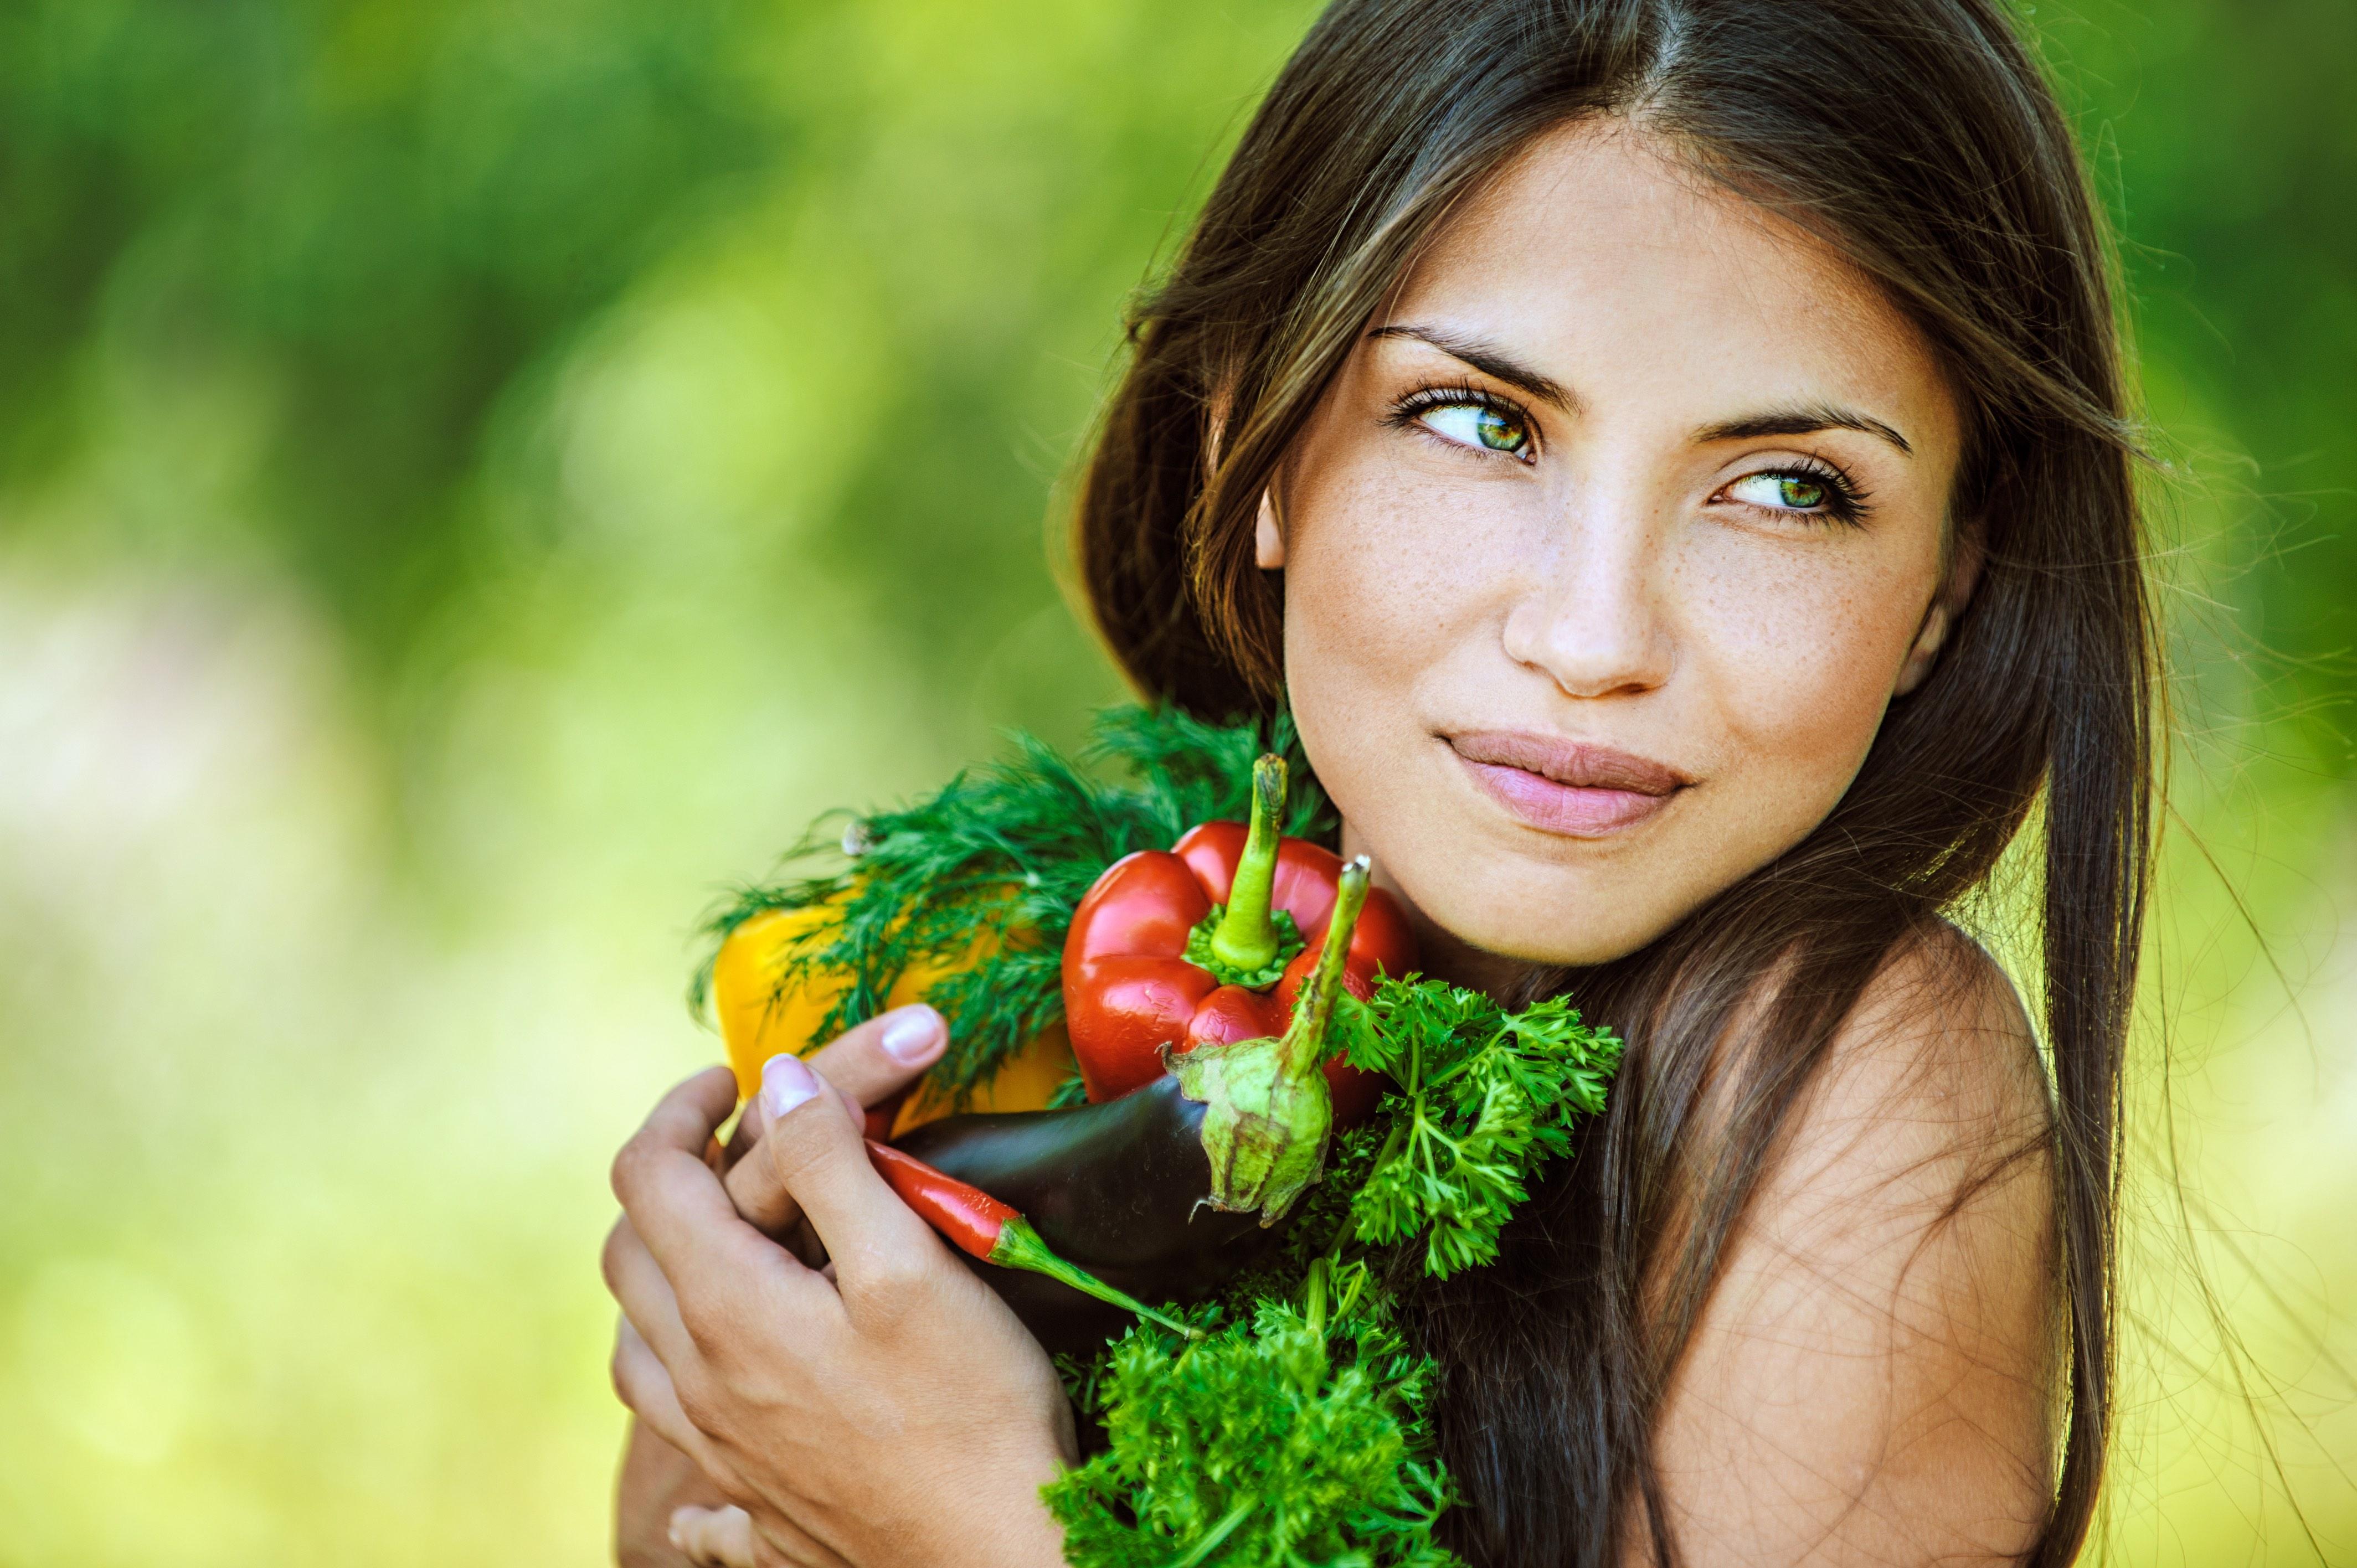 basisch gesund leben, detox und Entschlackung